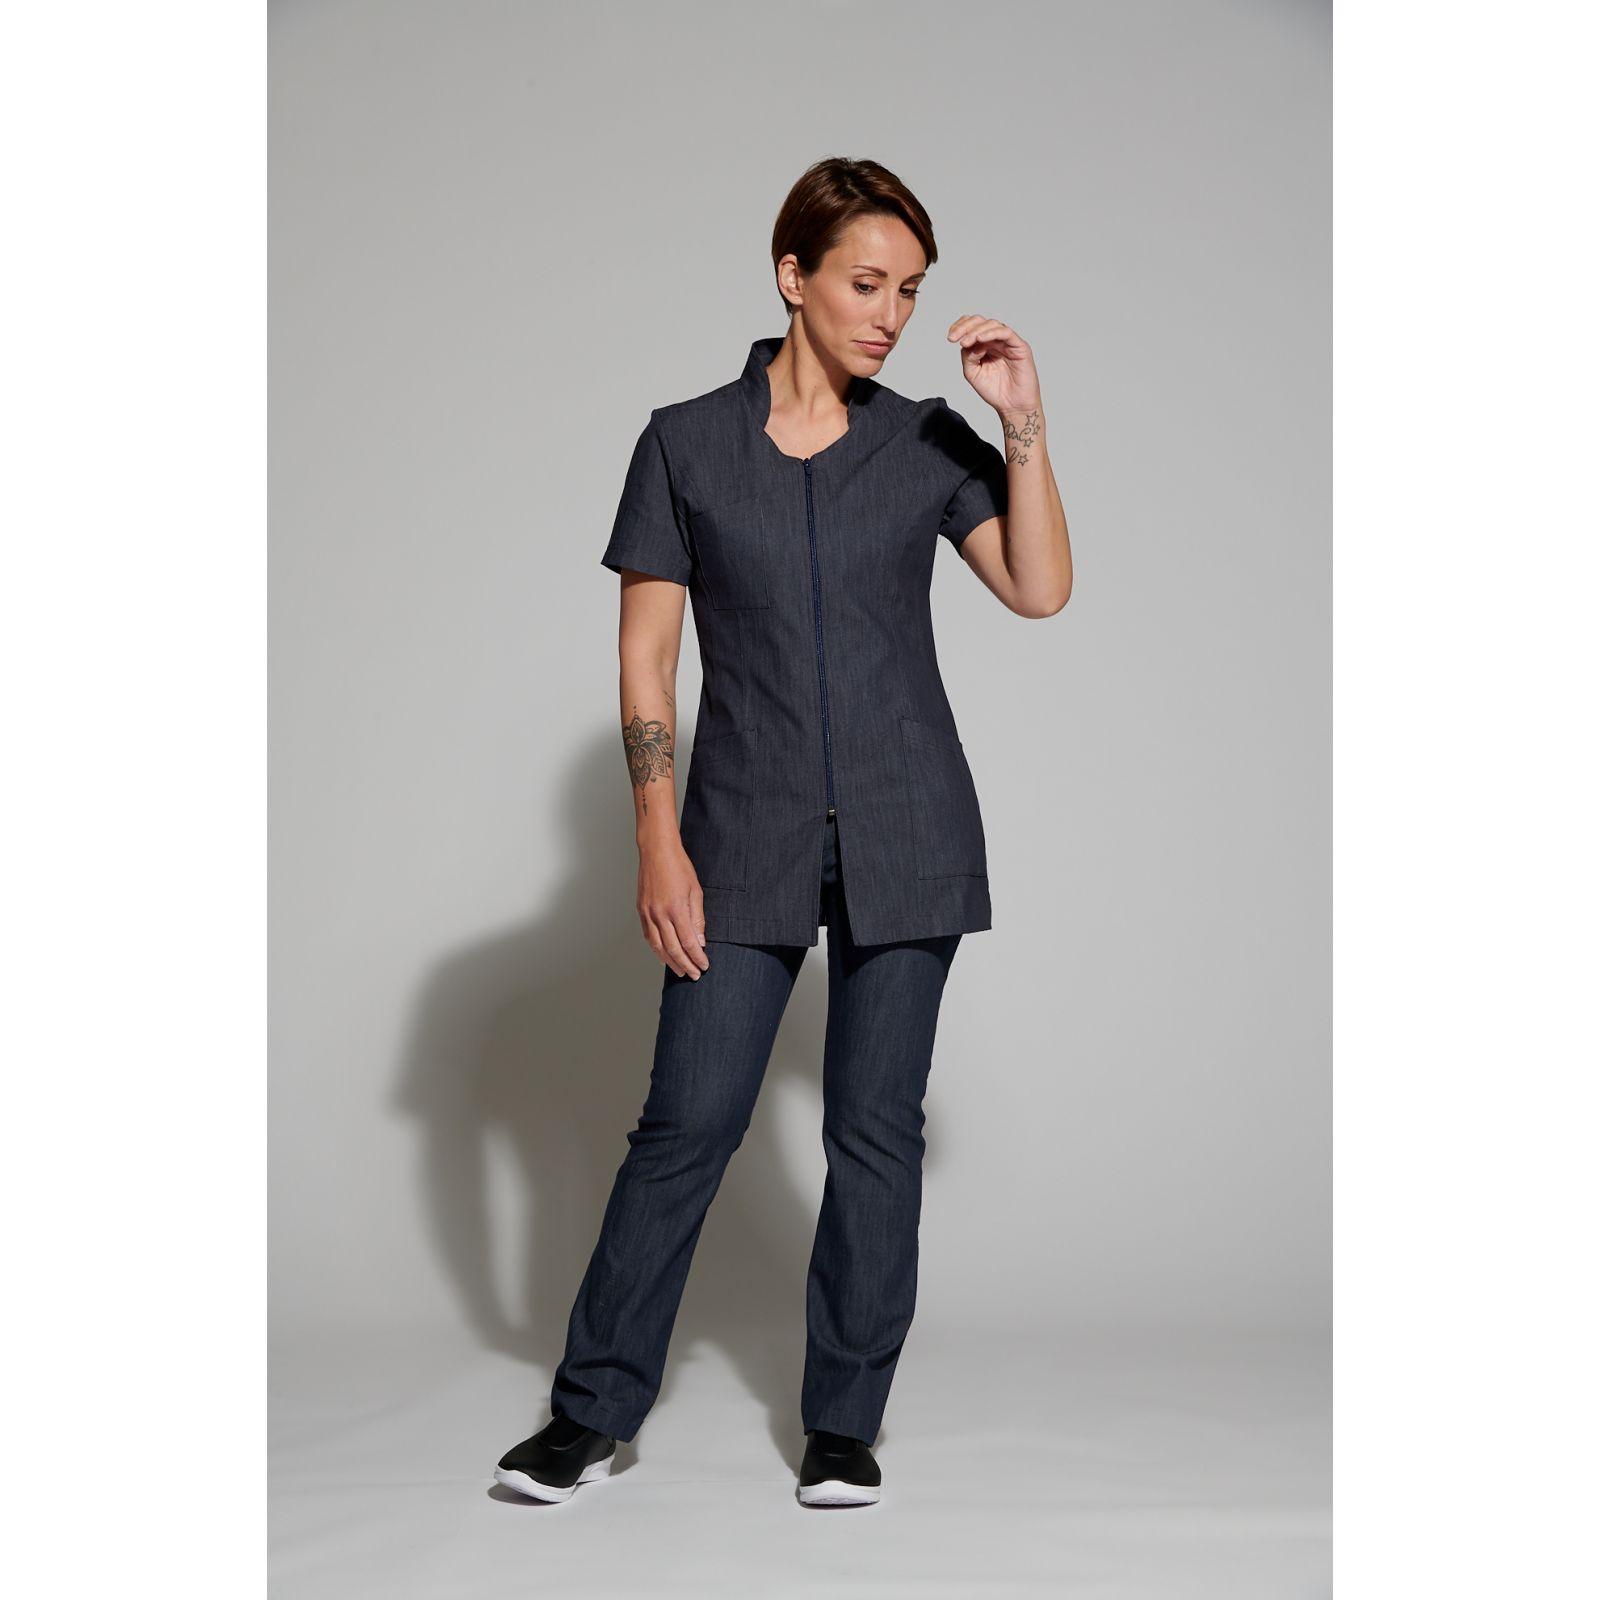 Pantalon Médical Femme  Dénim Uni, Trendy, Camille Lavandie (282)